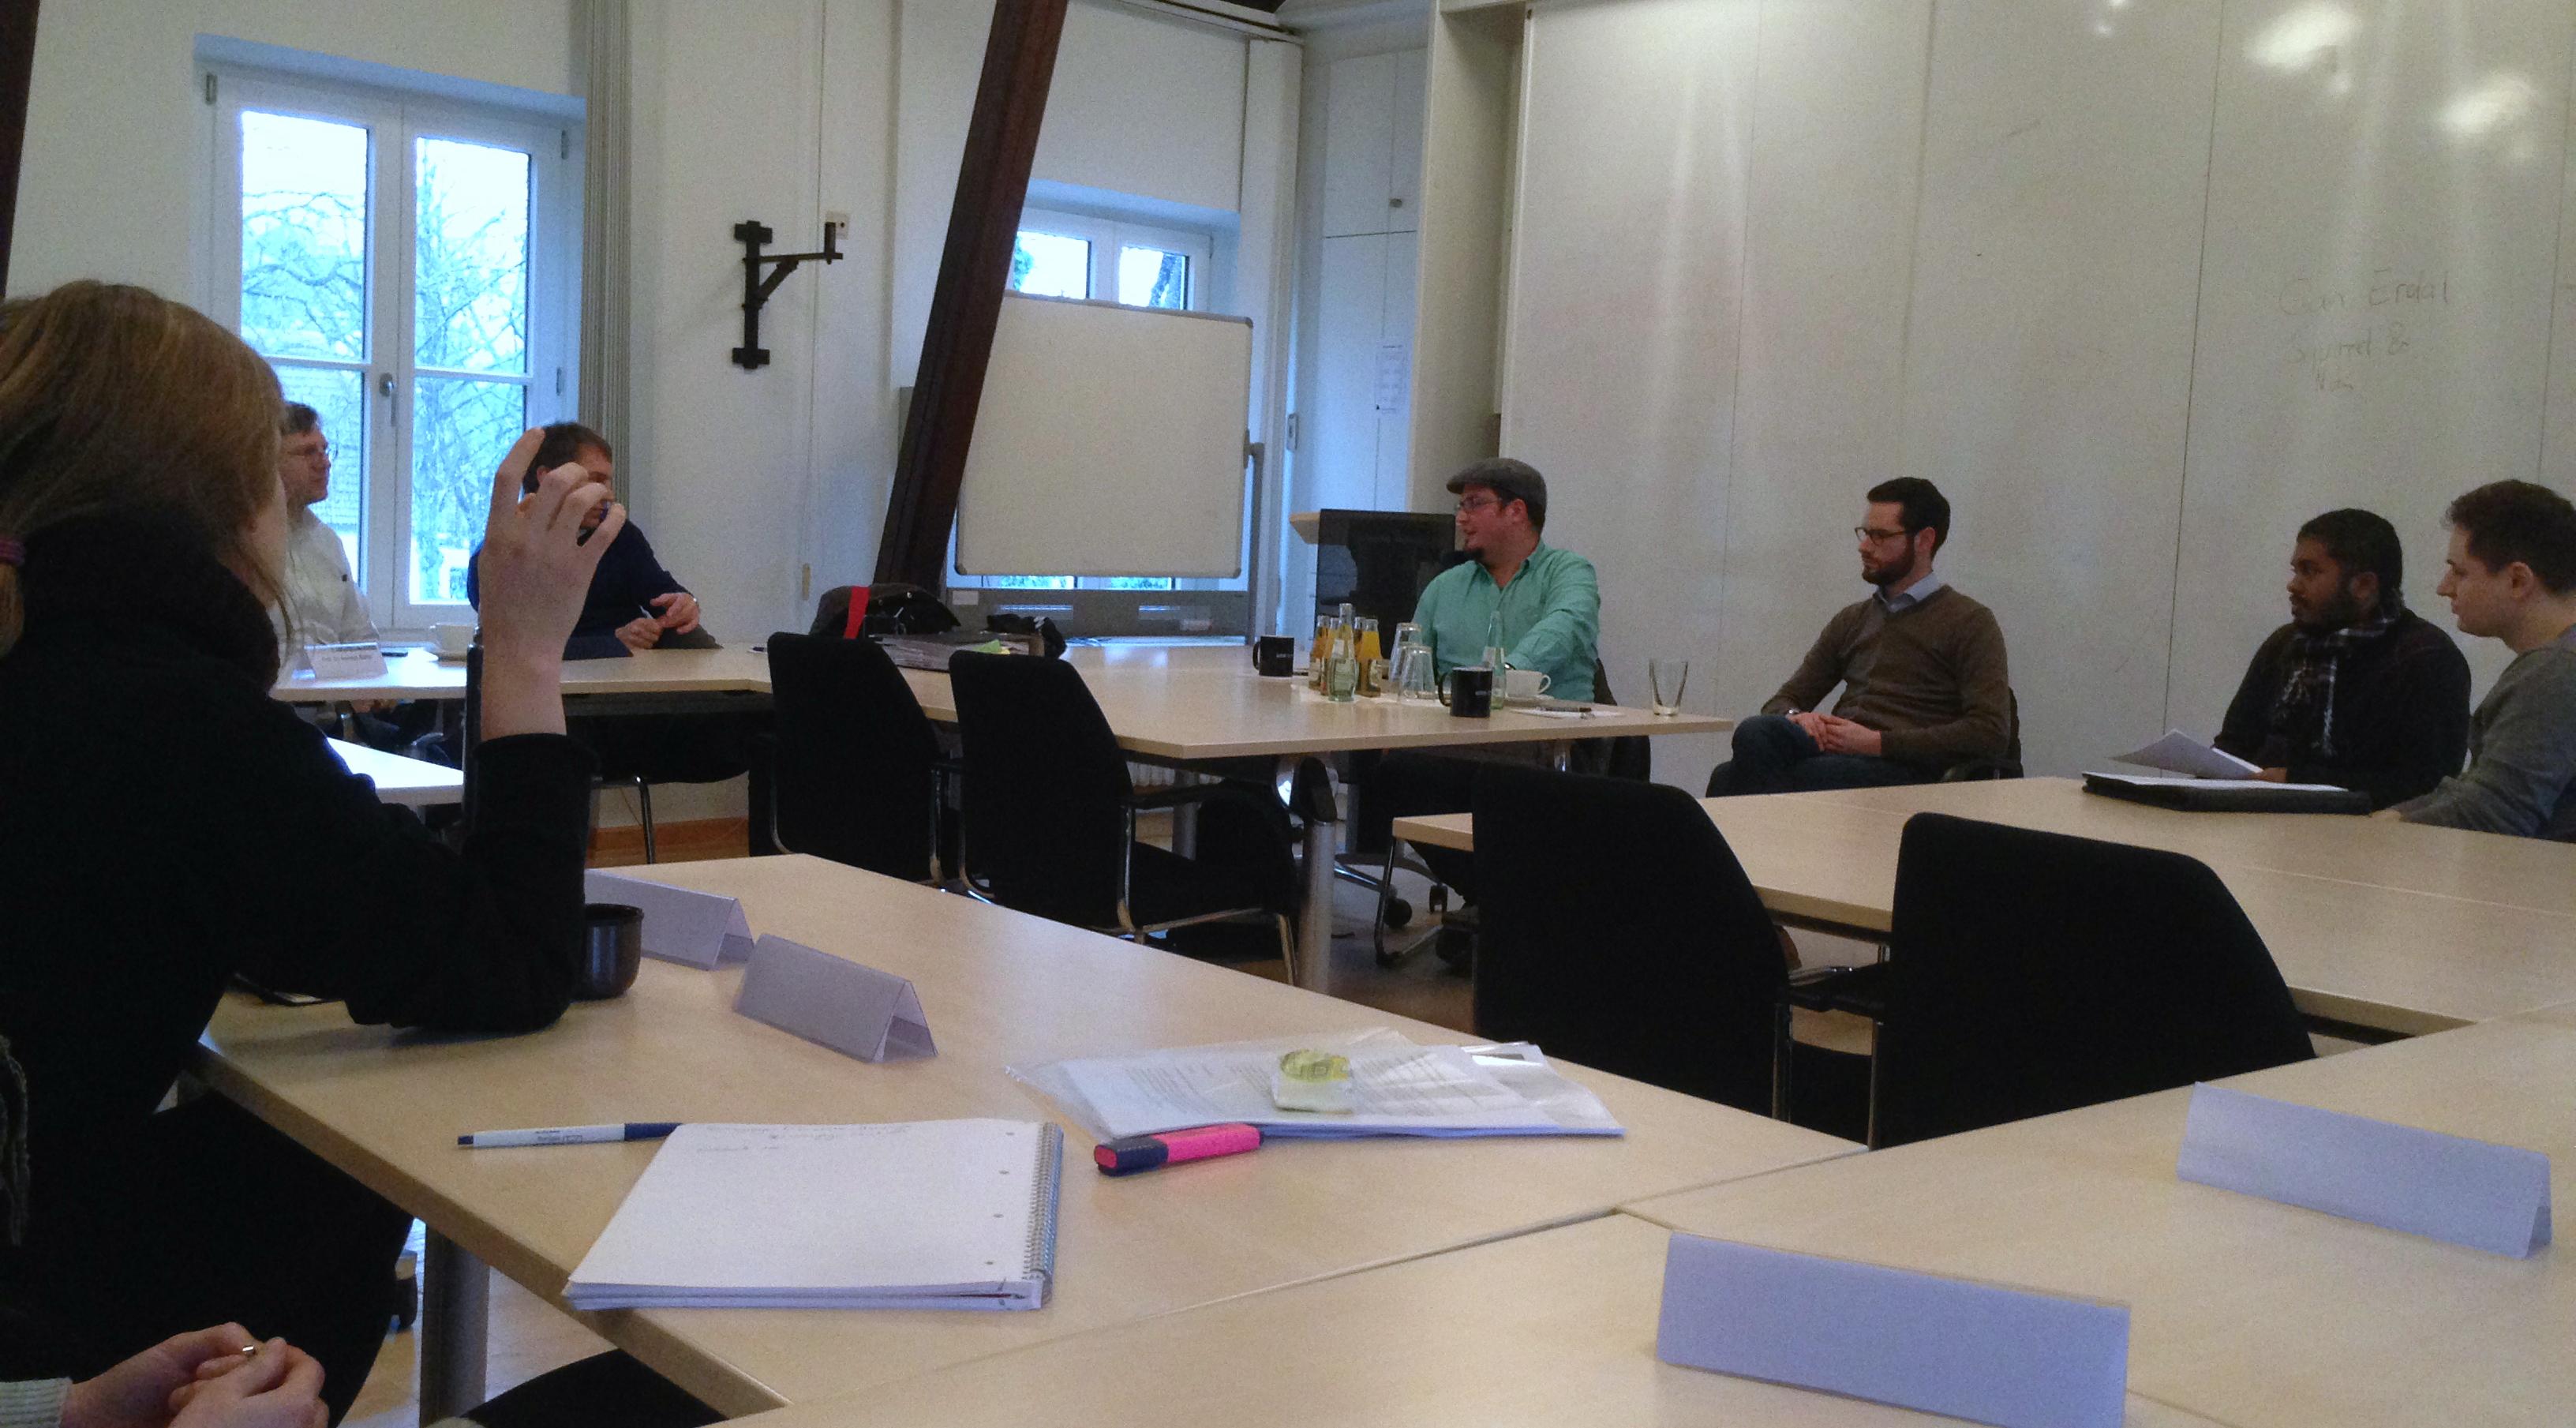 Diskussionsrunde mit Agenturvertretern in der 'Taskforce Praktisches Politikmanagement'